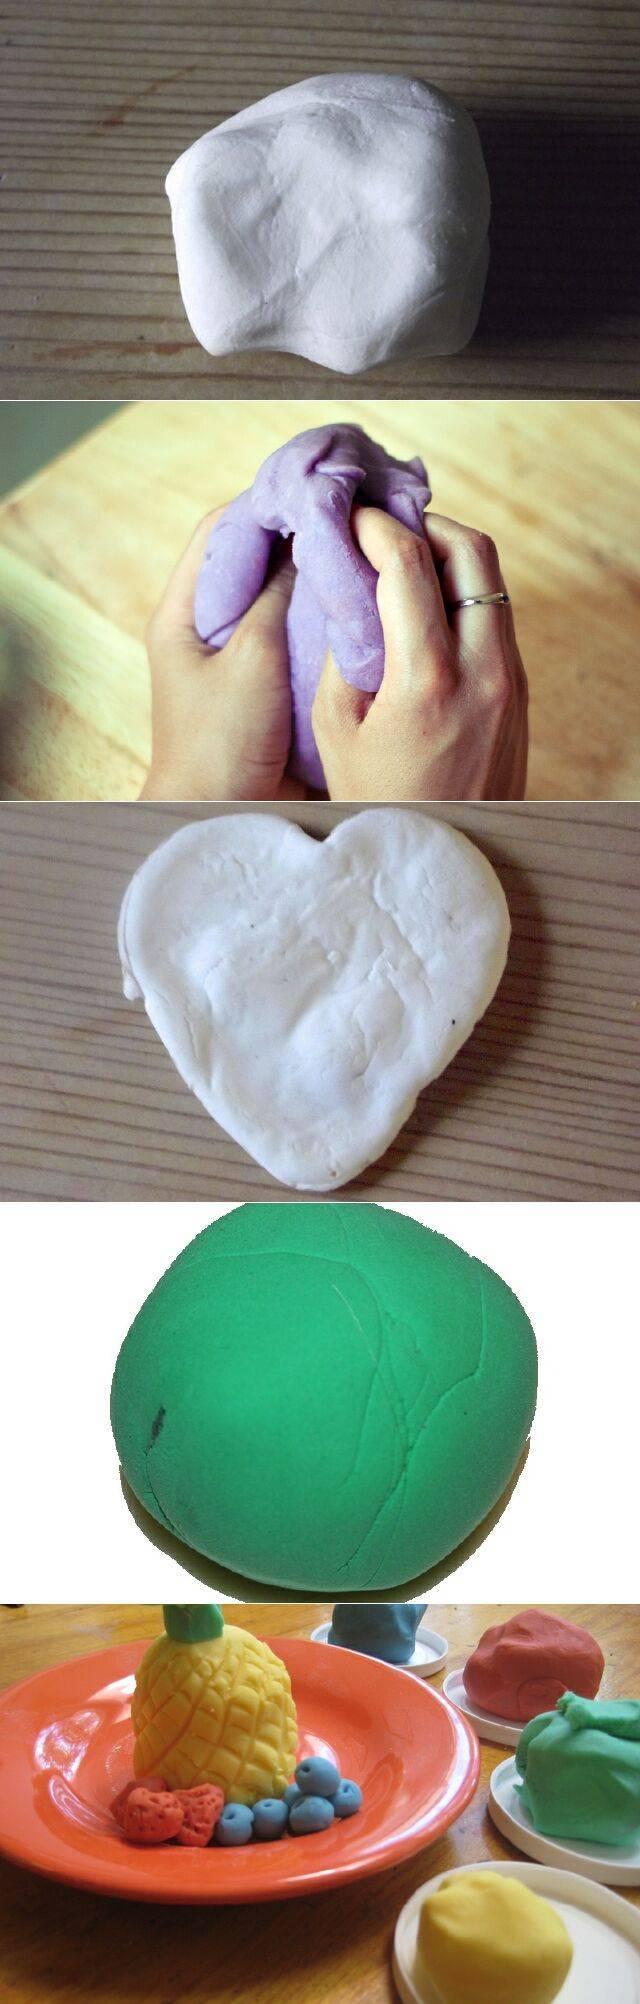 Как сделать поделки из соленого теста своими руками: советы и картинки для детей пошагово